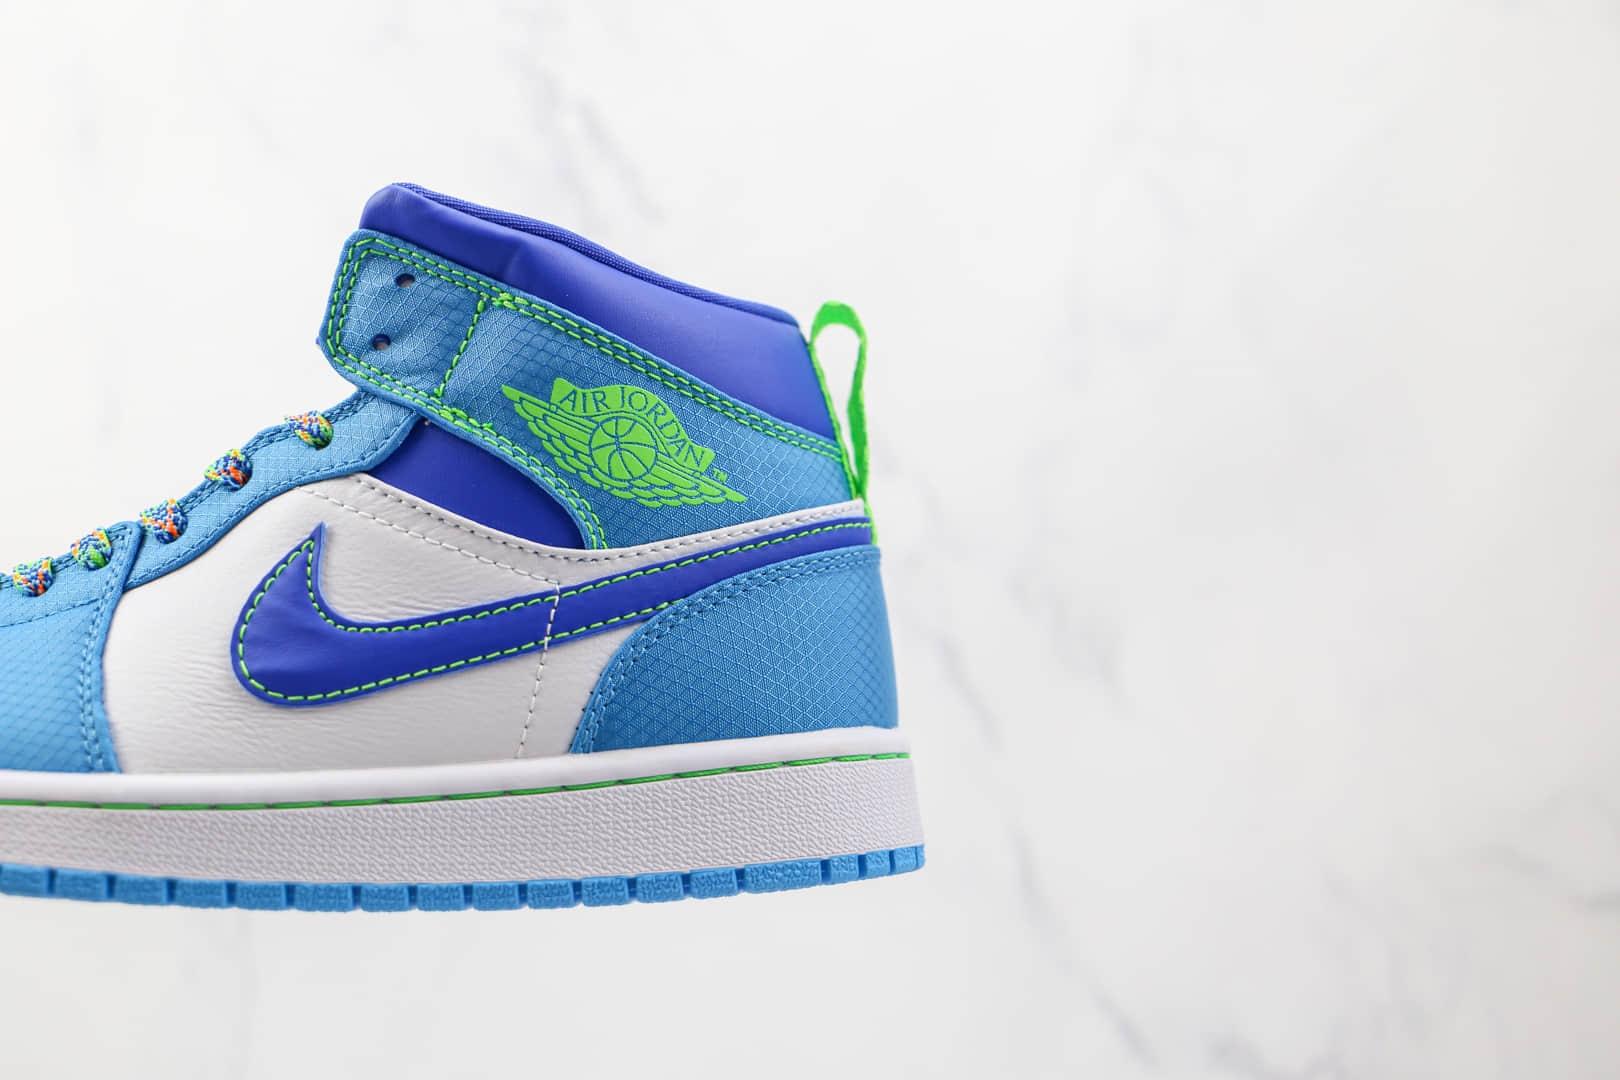 乔丹Air Jordan 1 Mid GS纯原版本中帮AJ1白蓝绿色篮球鞋原档案数据开发 货号:DA8010-400